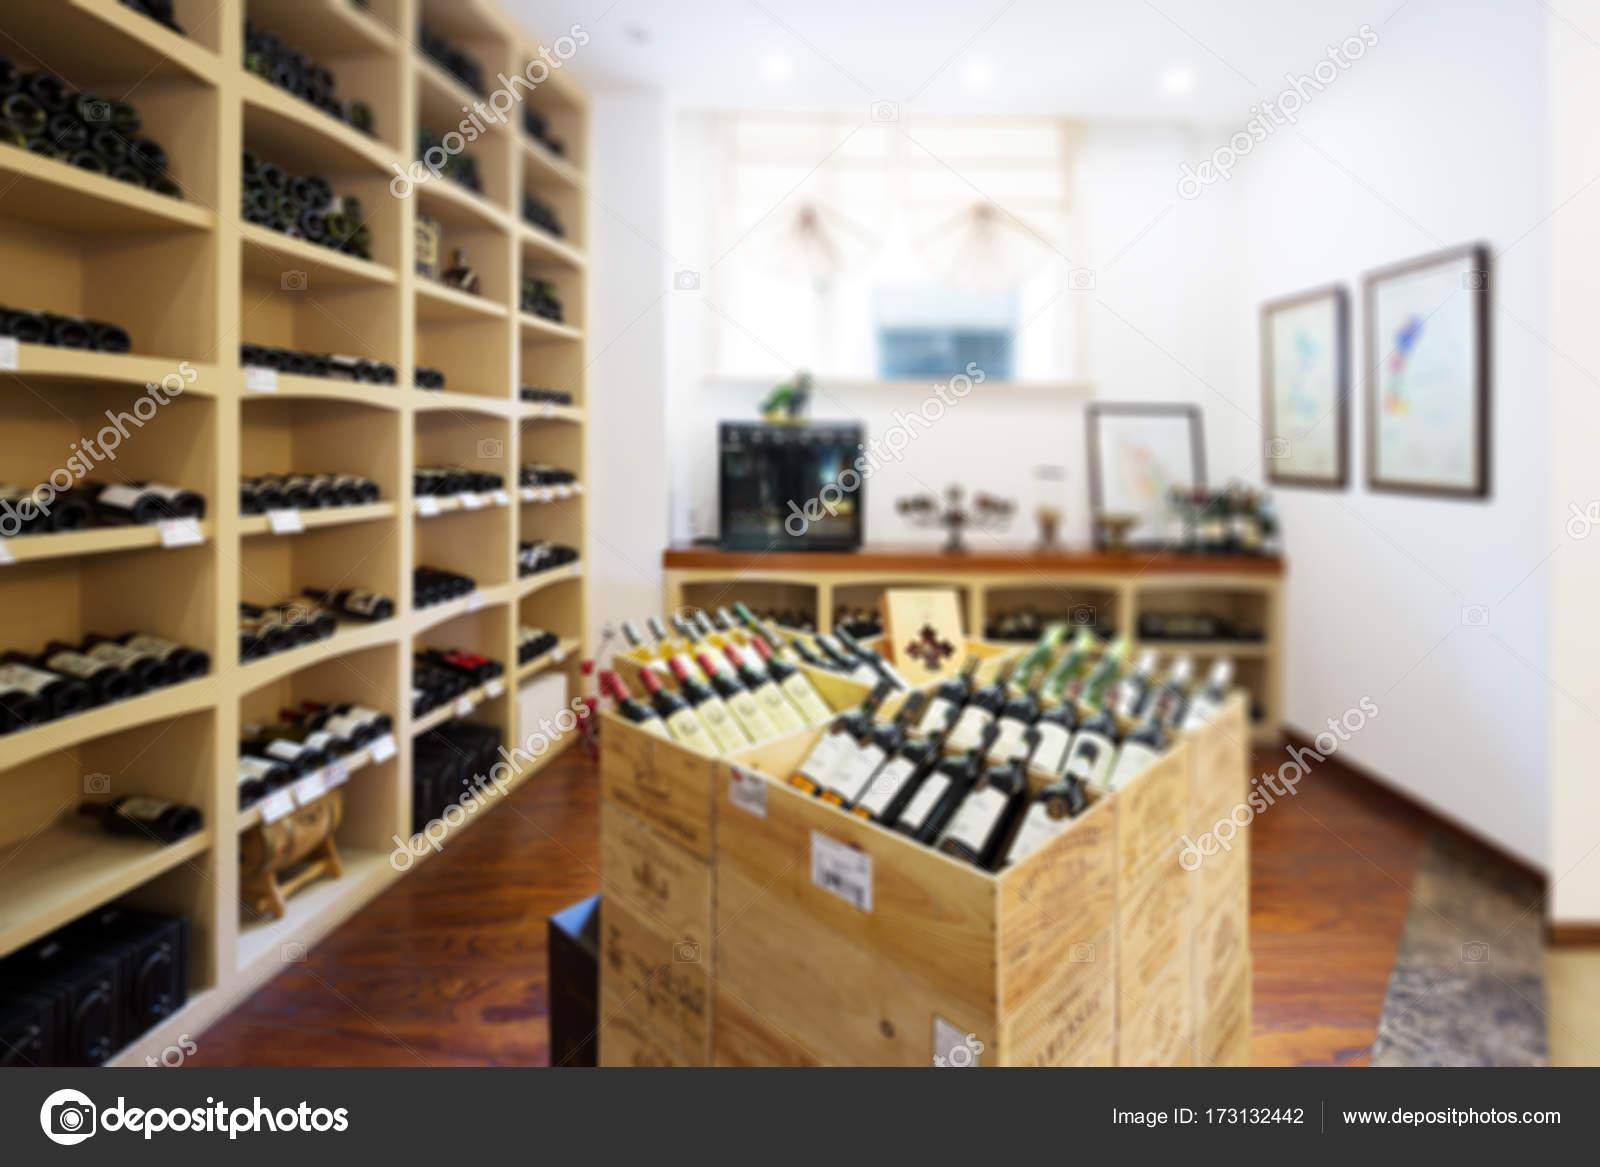 Wijnkelder inrichting u stockfoto zhudifeng